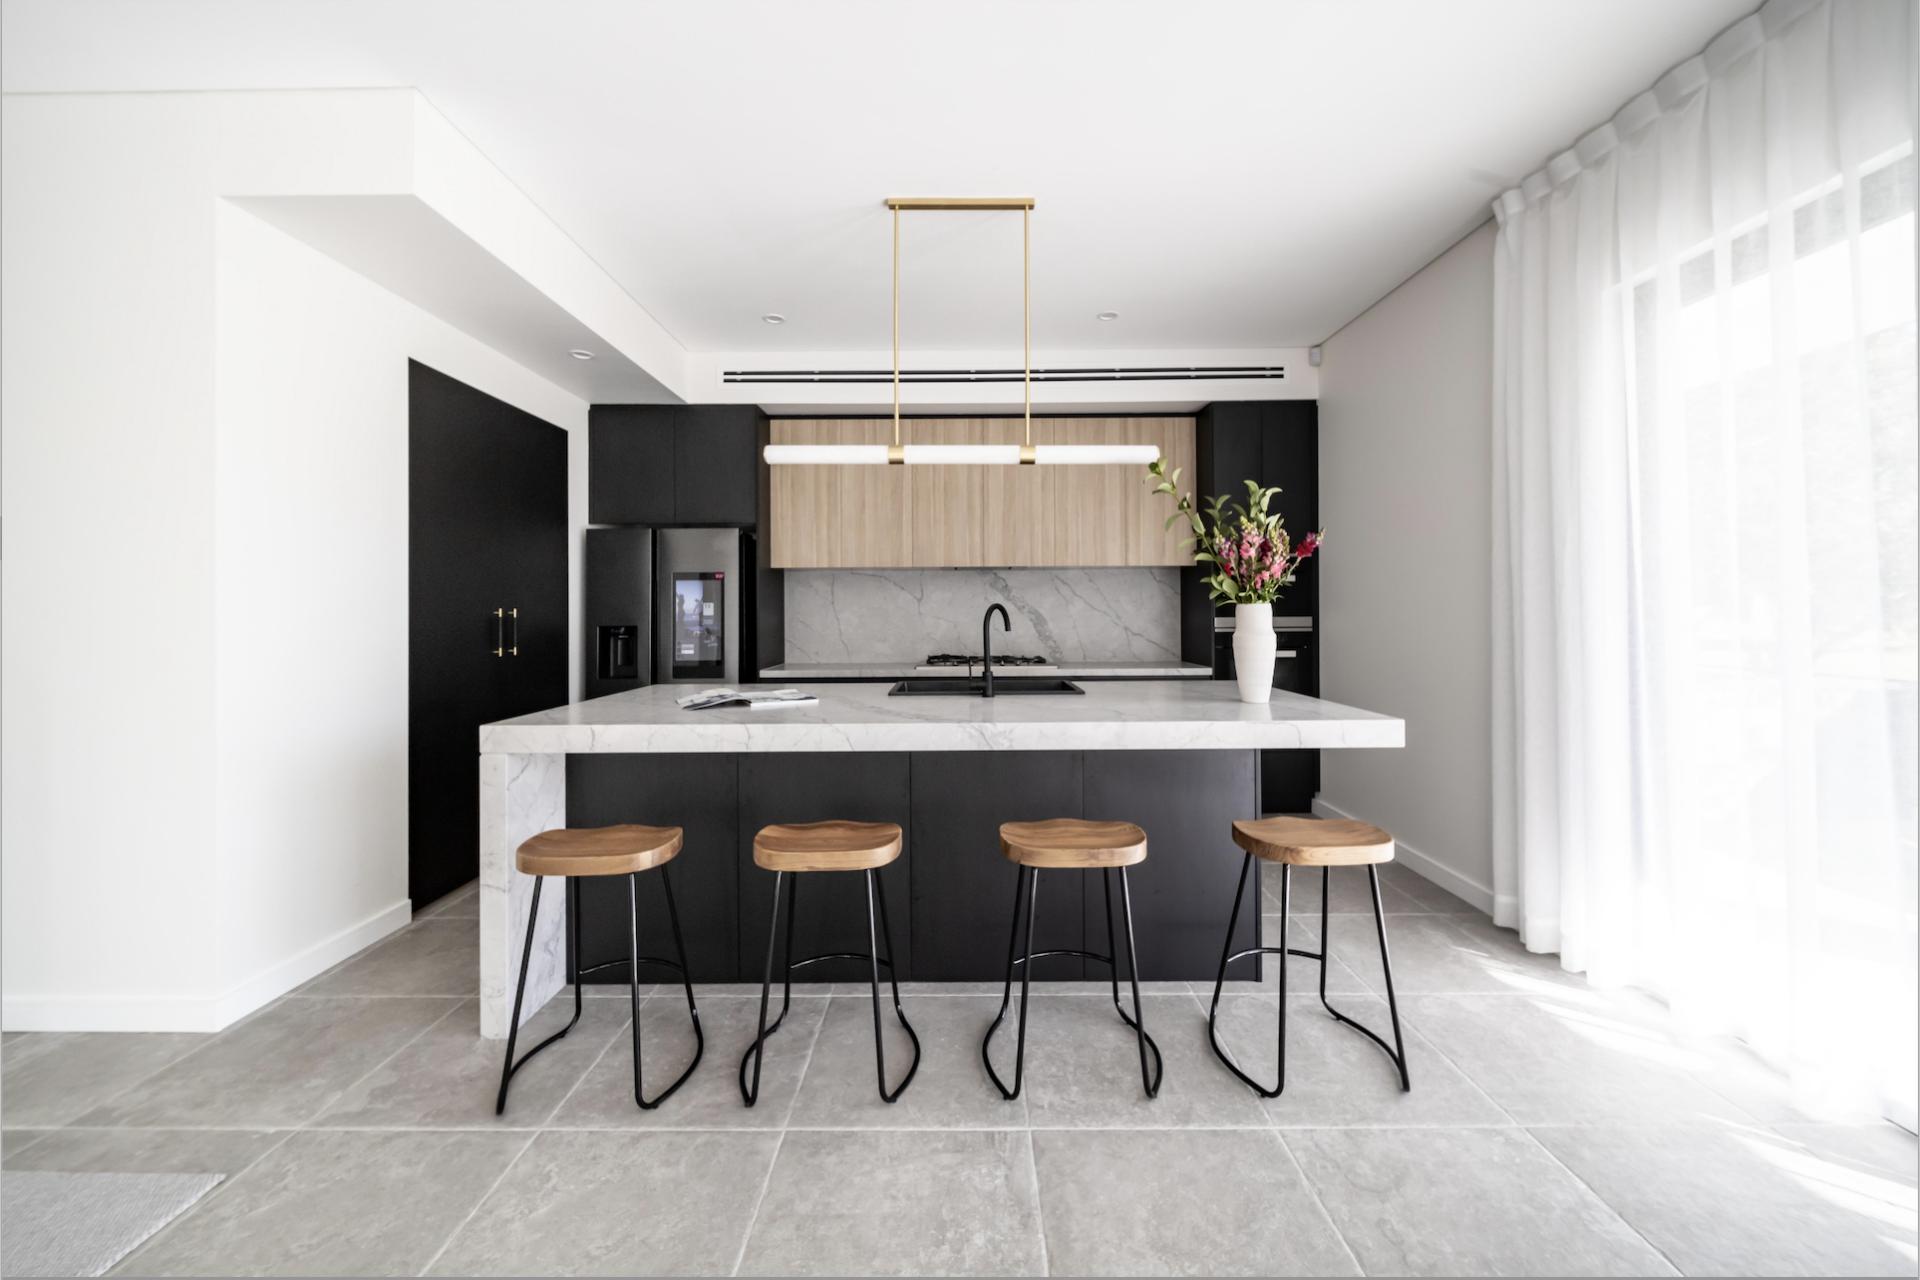 Full Kitchen Design